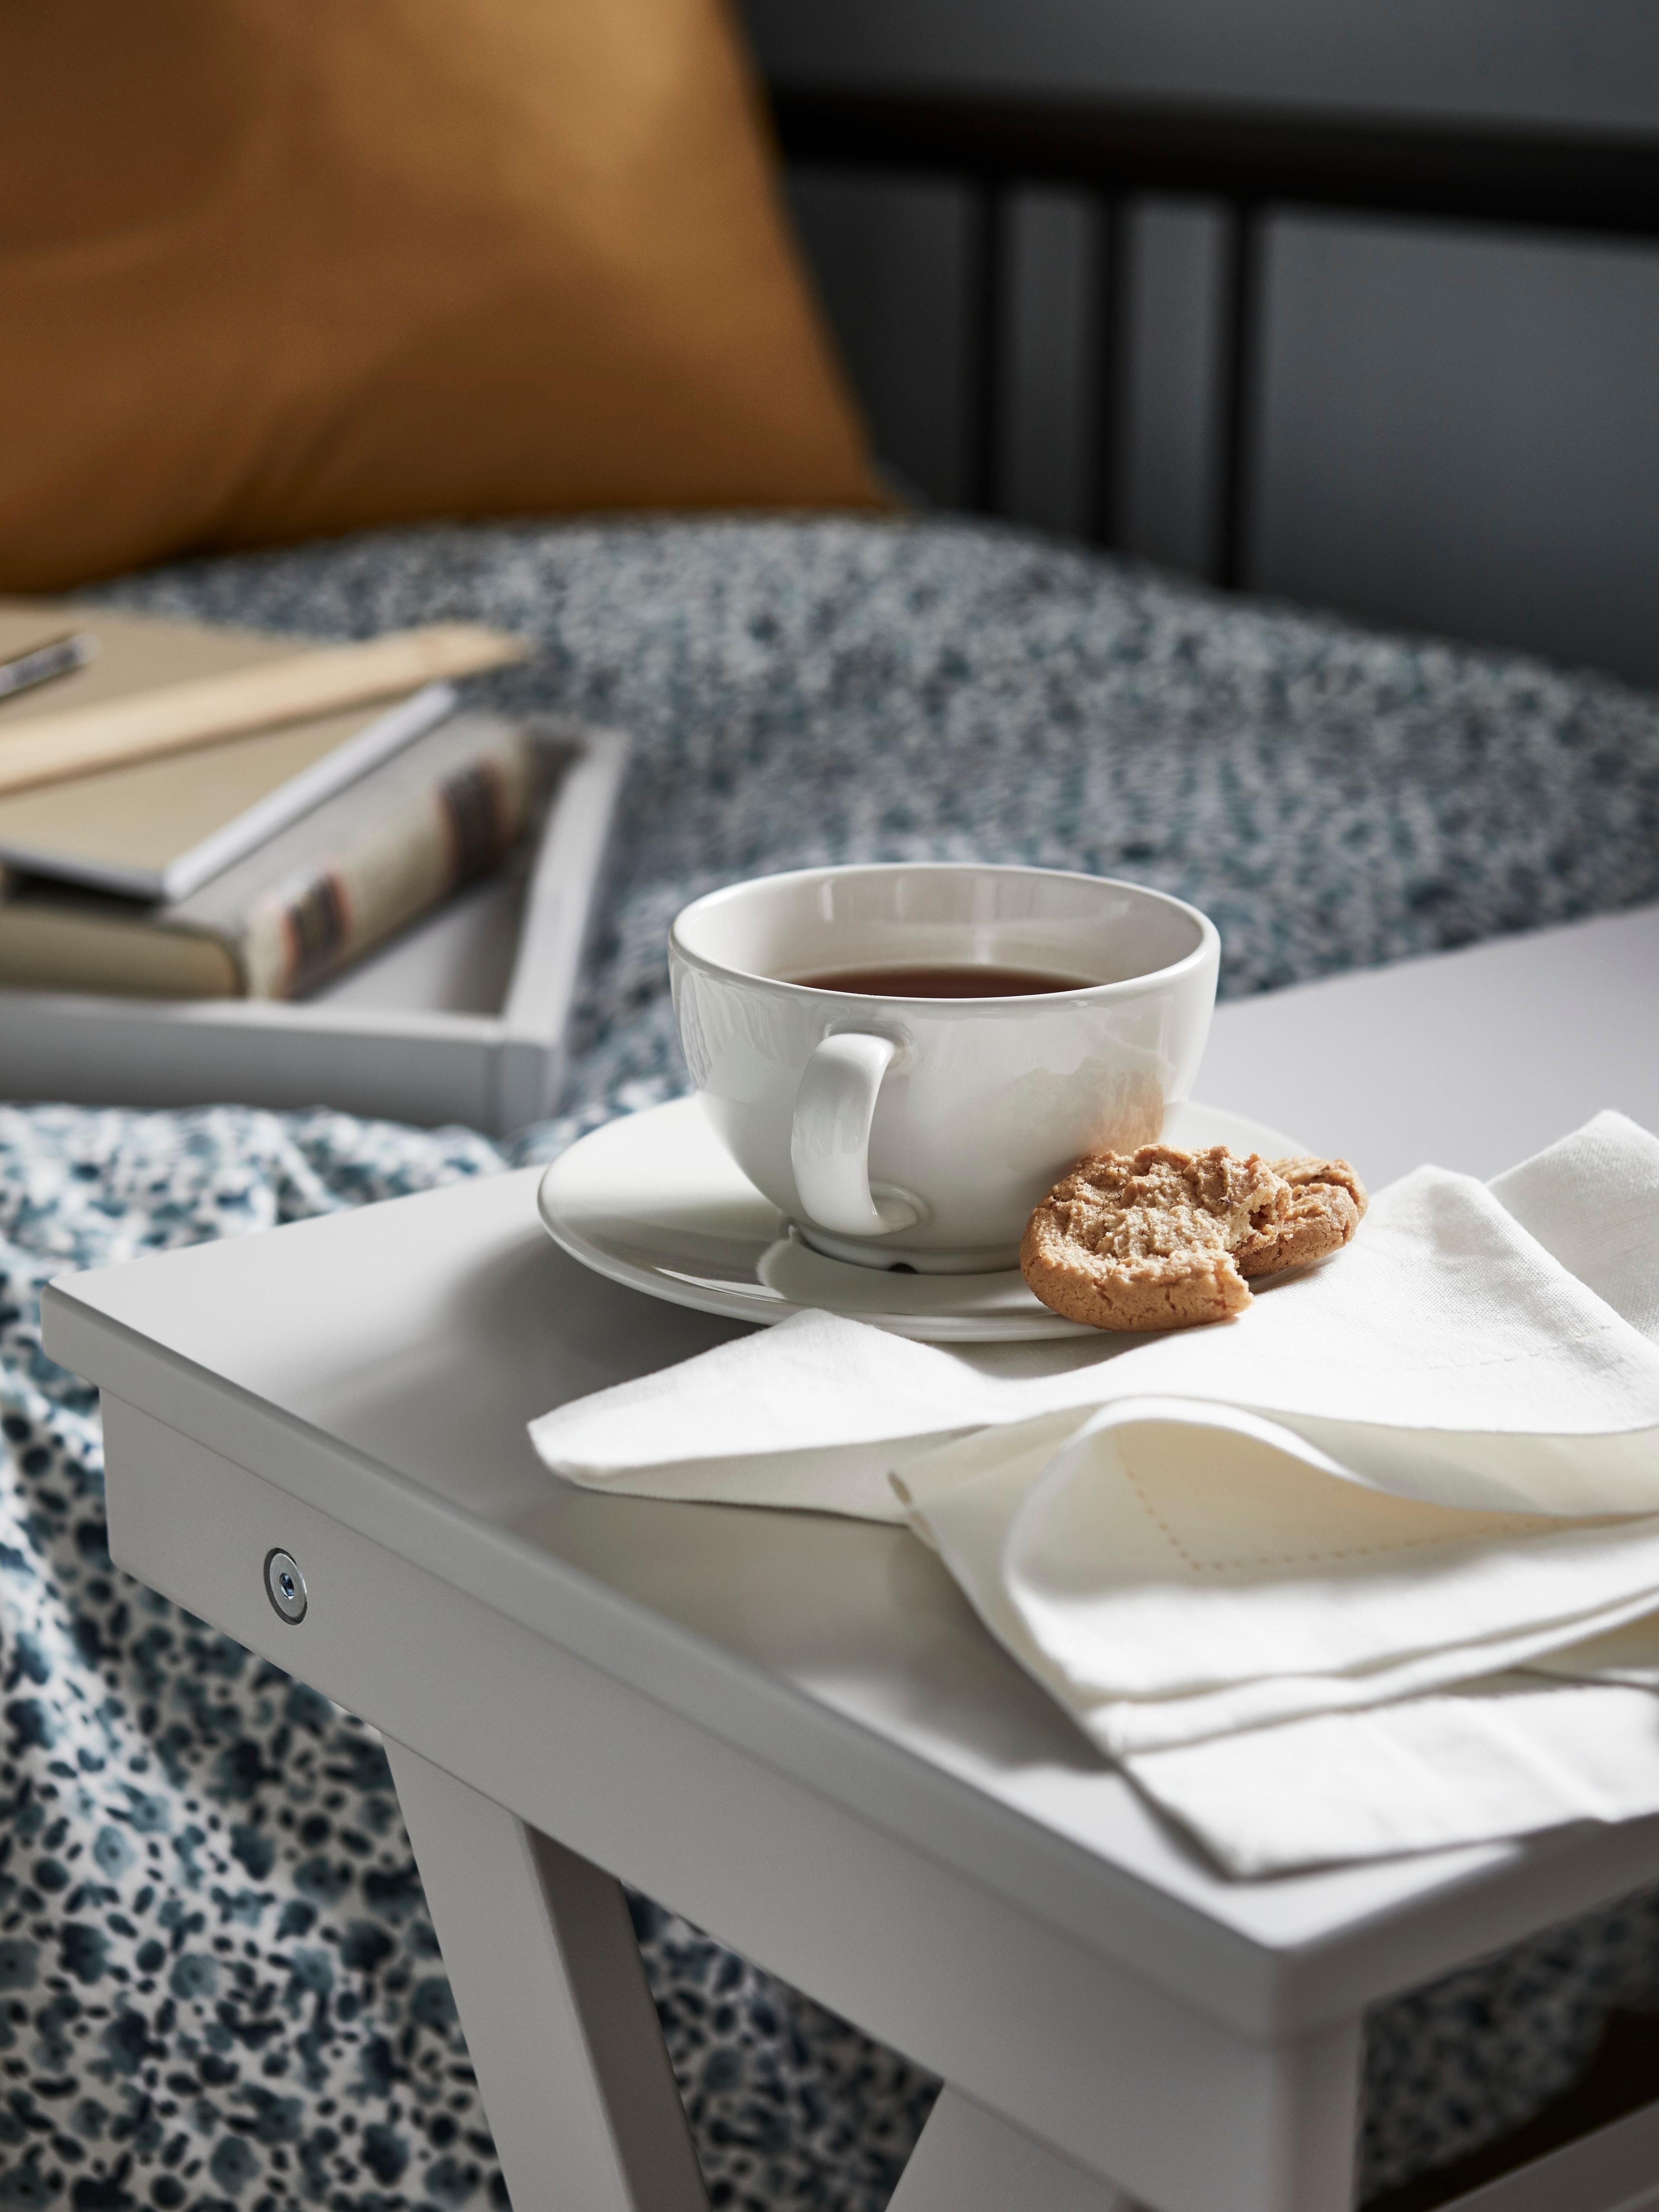 VARDAGEN prljavobela šoljica za čaj i tanjirić s čajem i keksom. Nalaze se na sivom stočiću za posluživanje sa stolnjakom od tkanine.